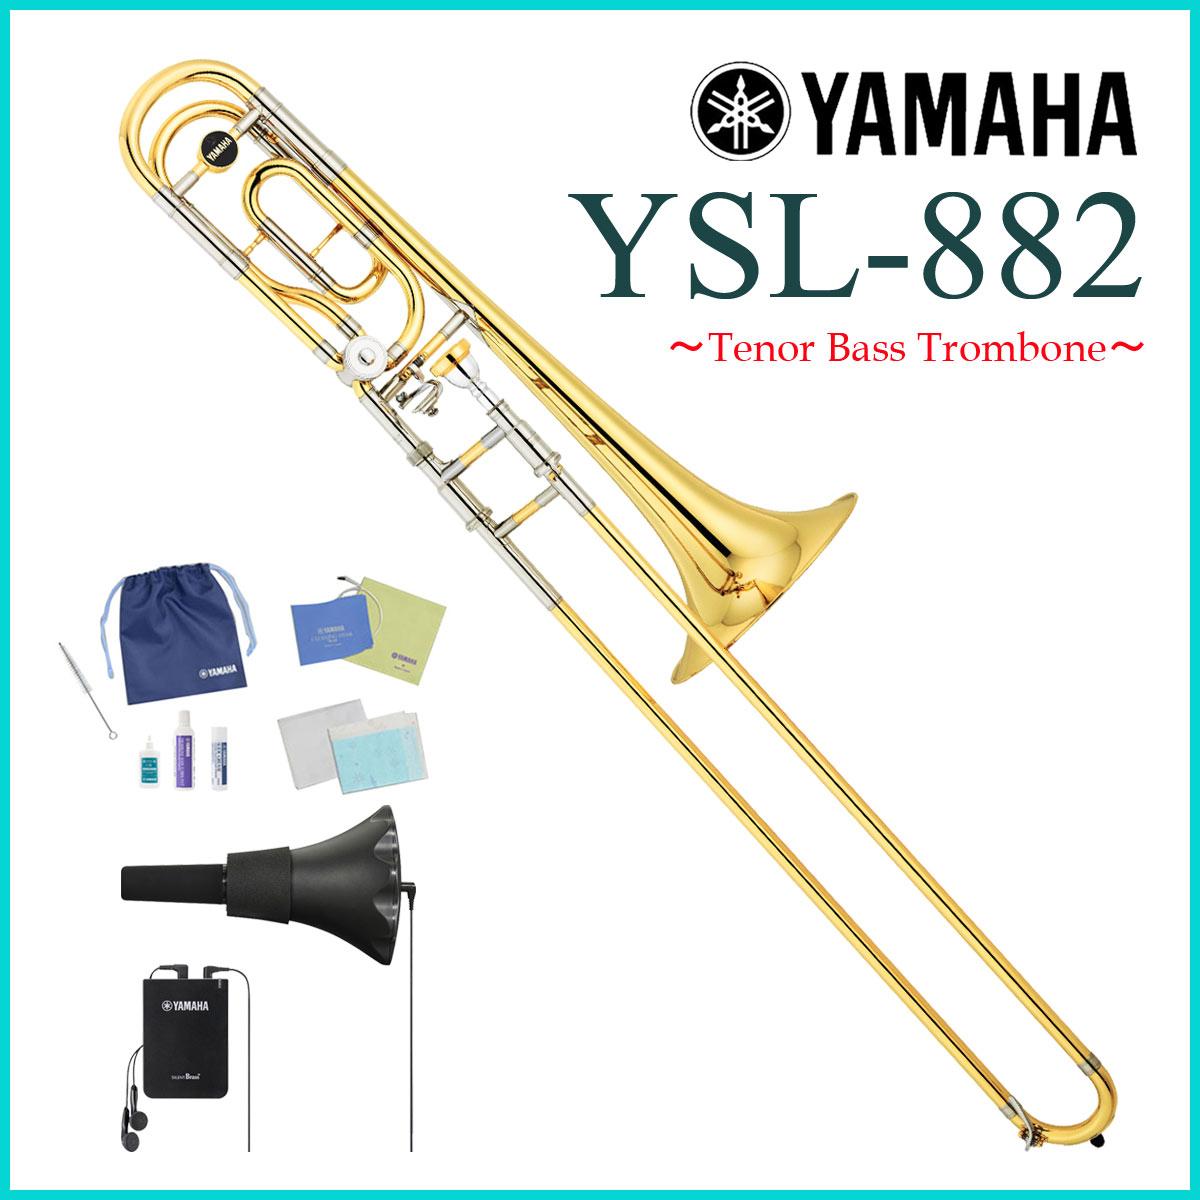 YAMAHA / YSL-882 ヤマハ トロンボーン Torombone YSL882 《サイレントブラスセット》《倉庫保管新品をお届け※もちろん出荷前調整》《5年保証》